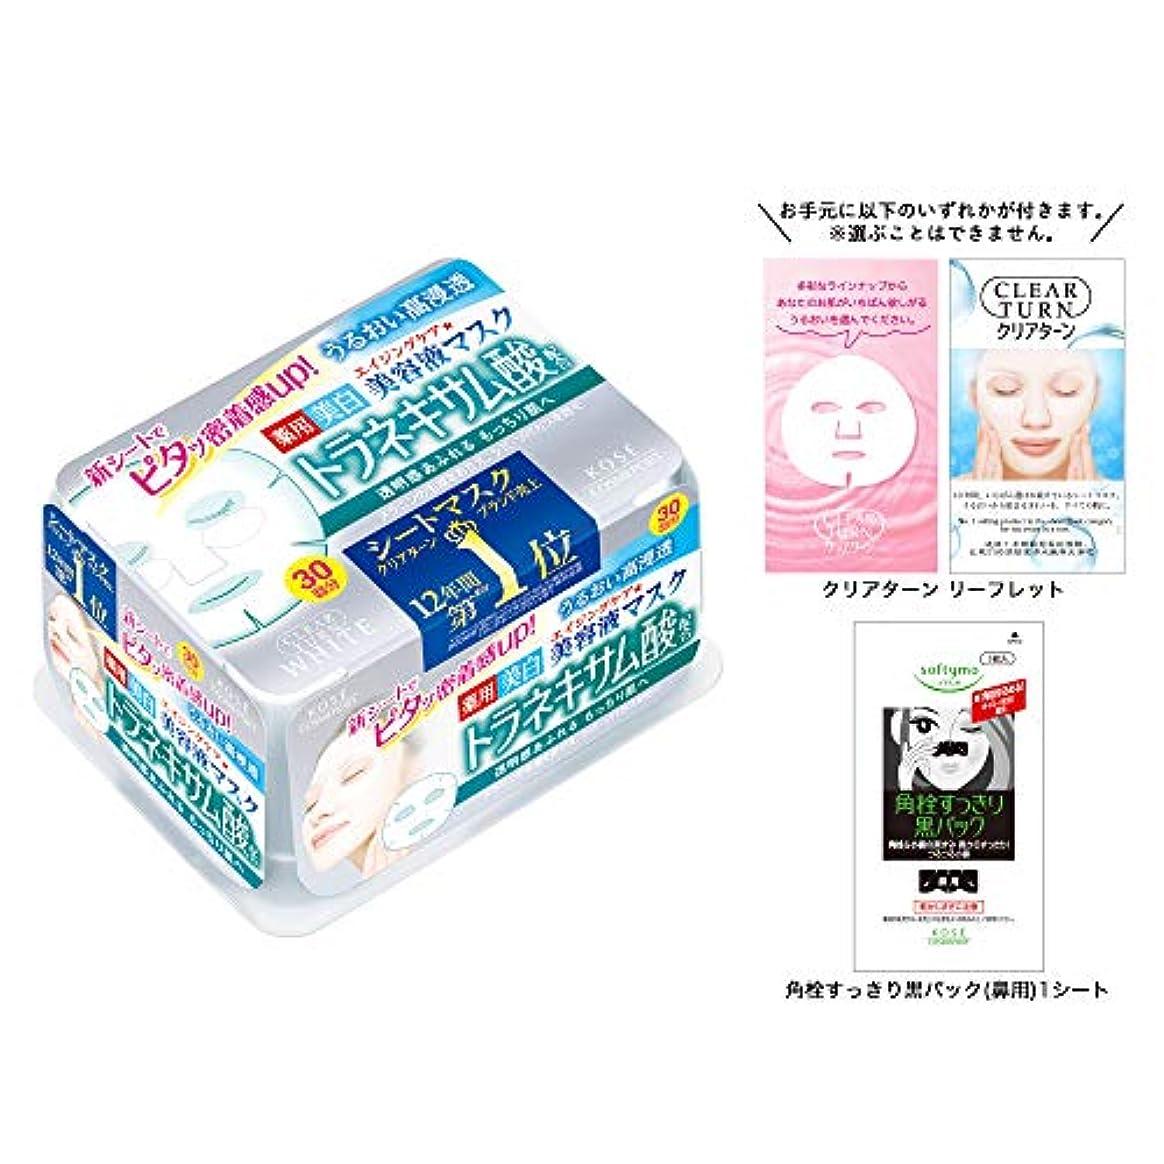 スリットスリンク大きい【Amazon.co.jp限定】KOSE コーセー クリアターン エッセンス マスク (トラネキサム酸) 30枚 おまけ付 フェイスマスク (医薬部外品)